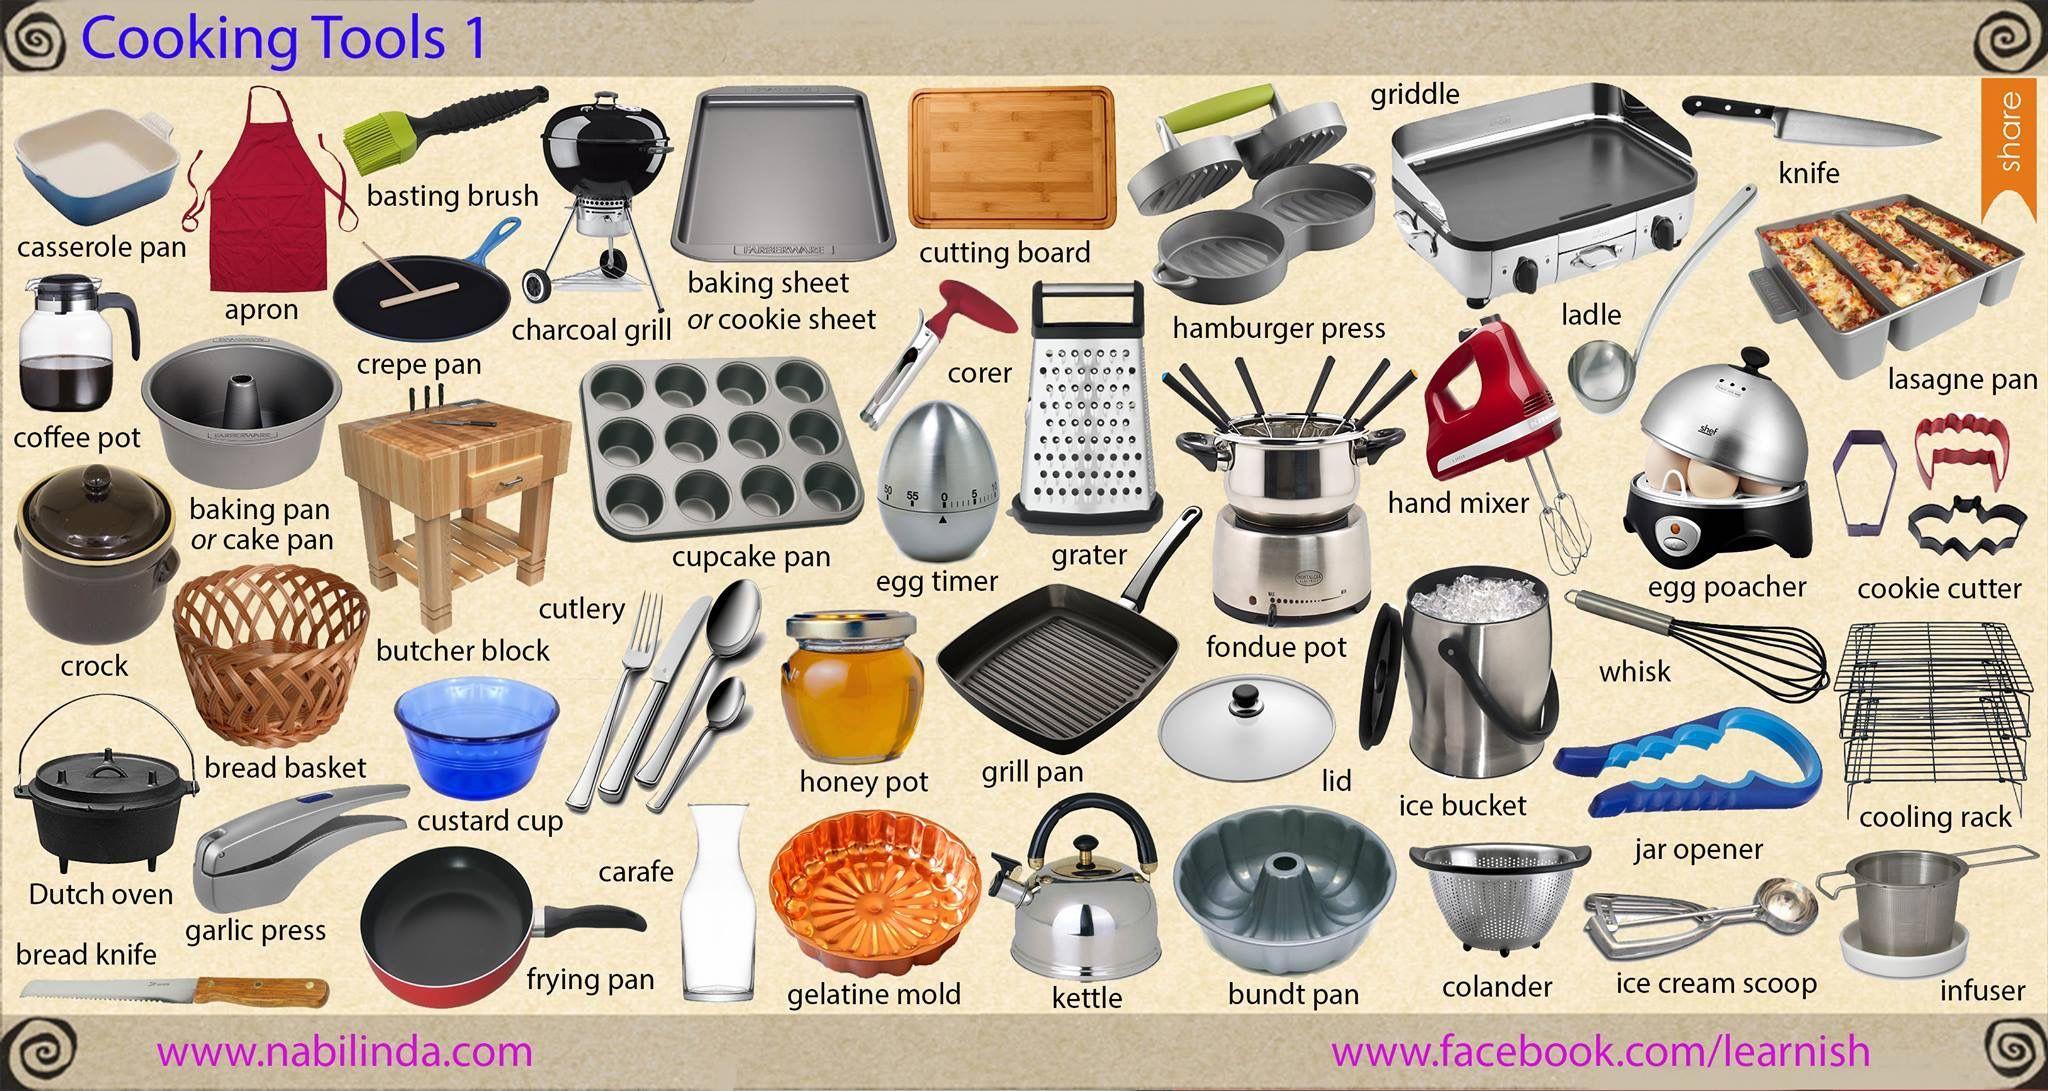 названия кухонных приборов с картинками памяти писателя, биография